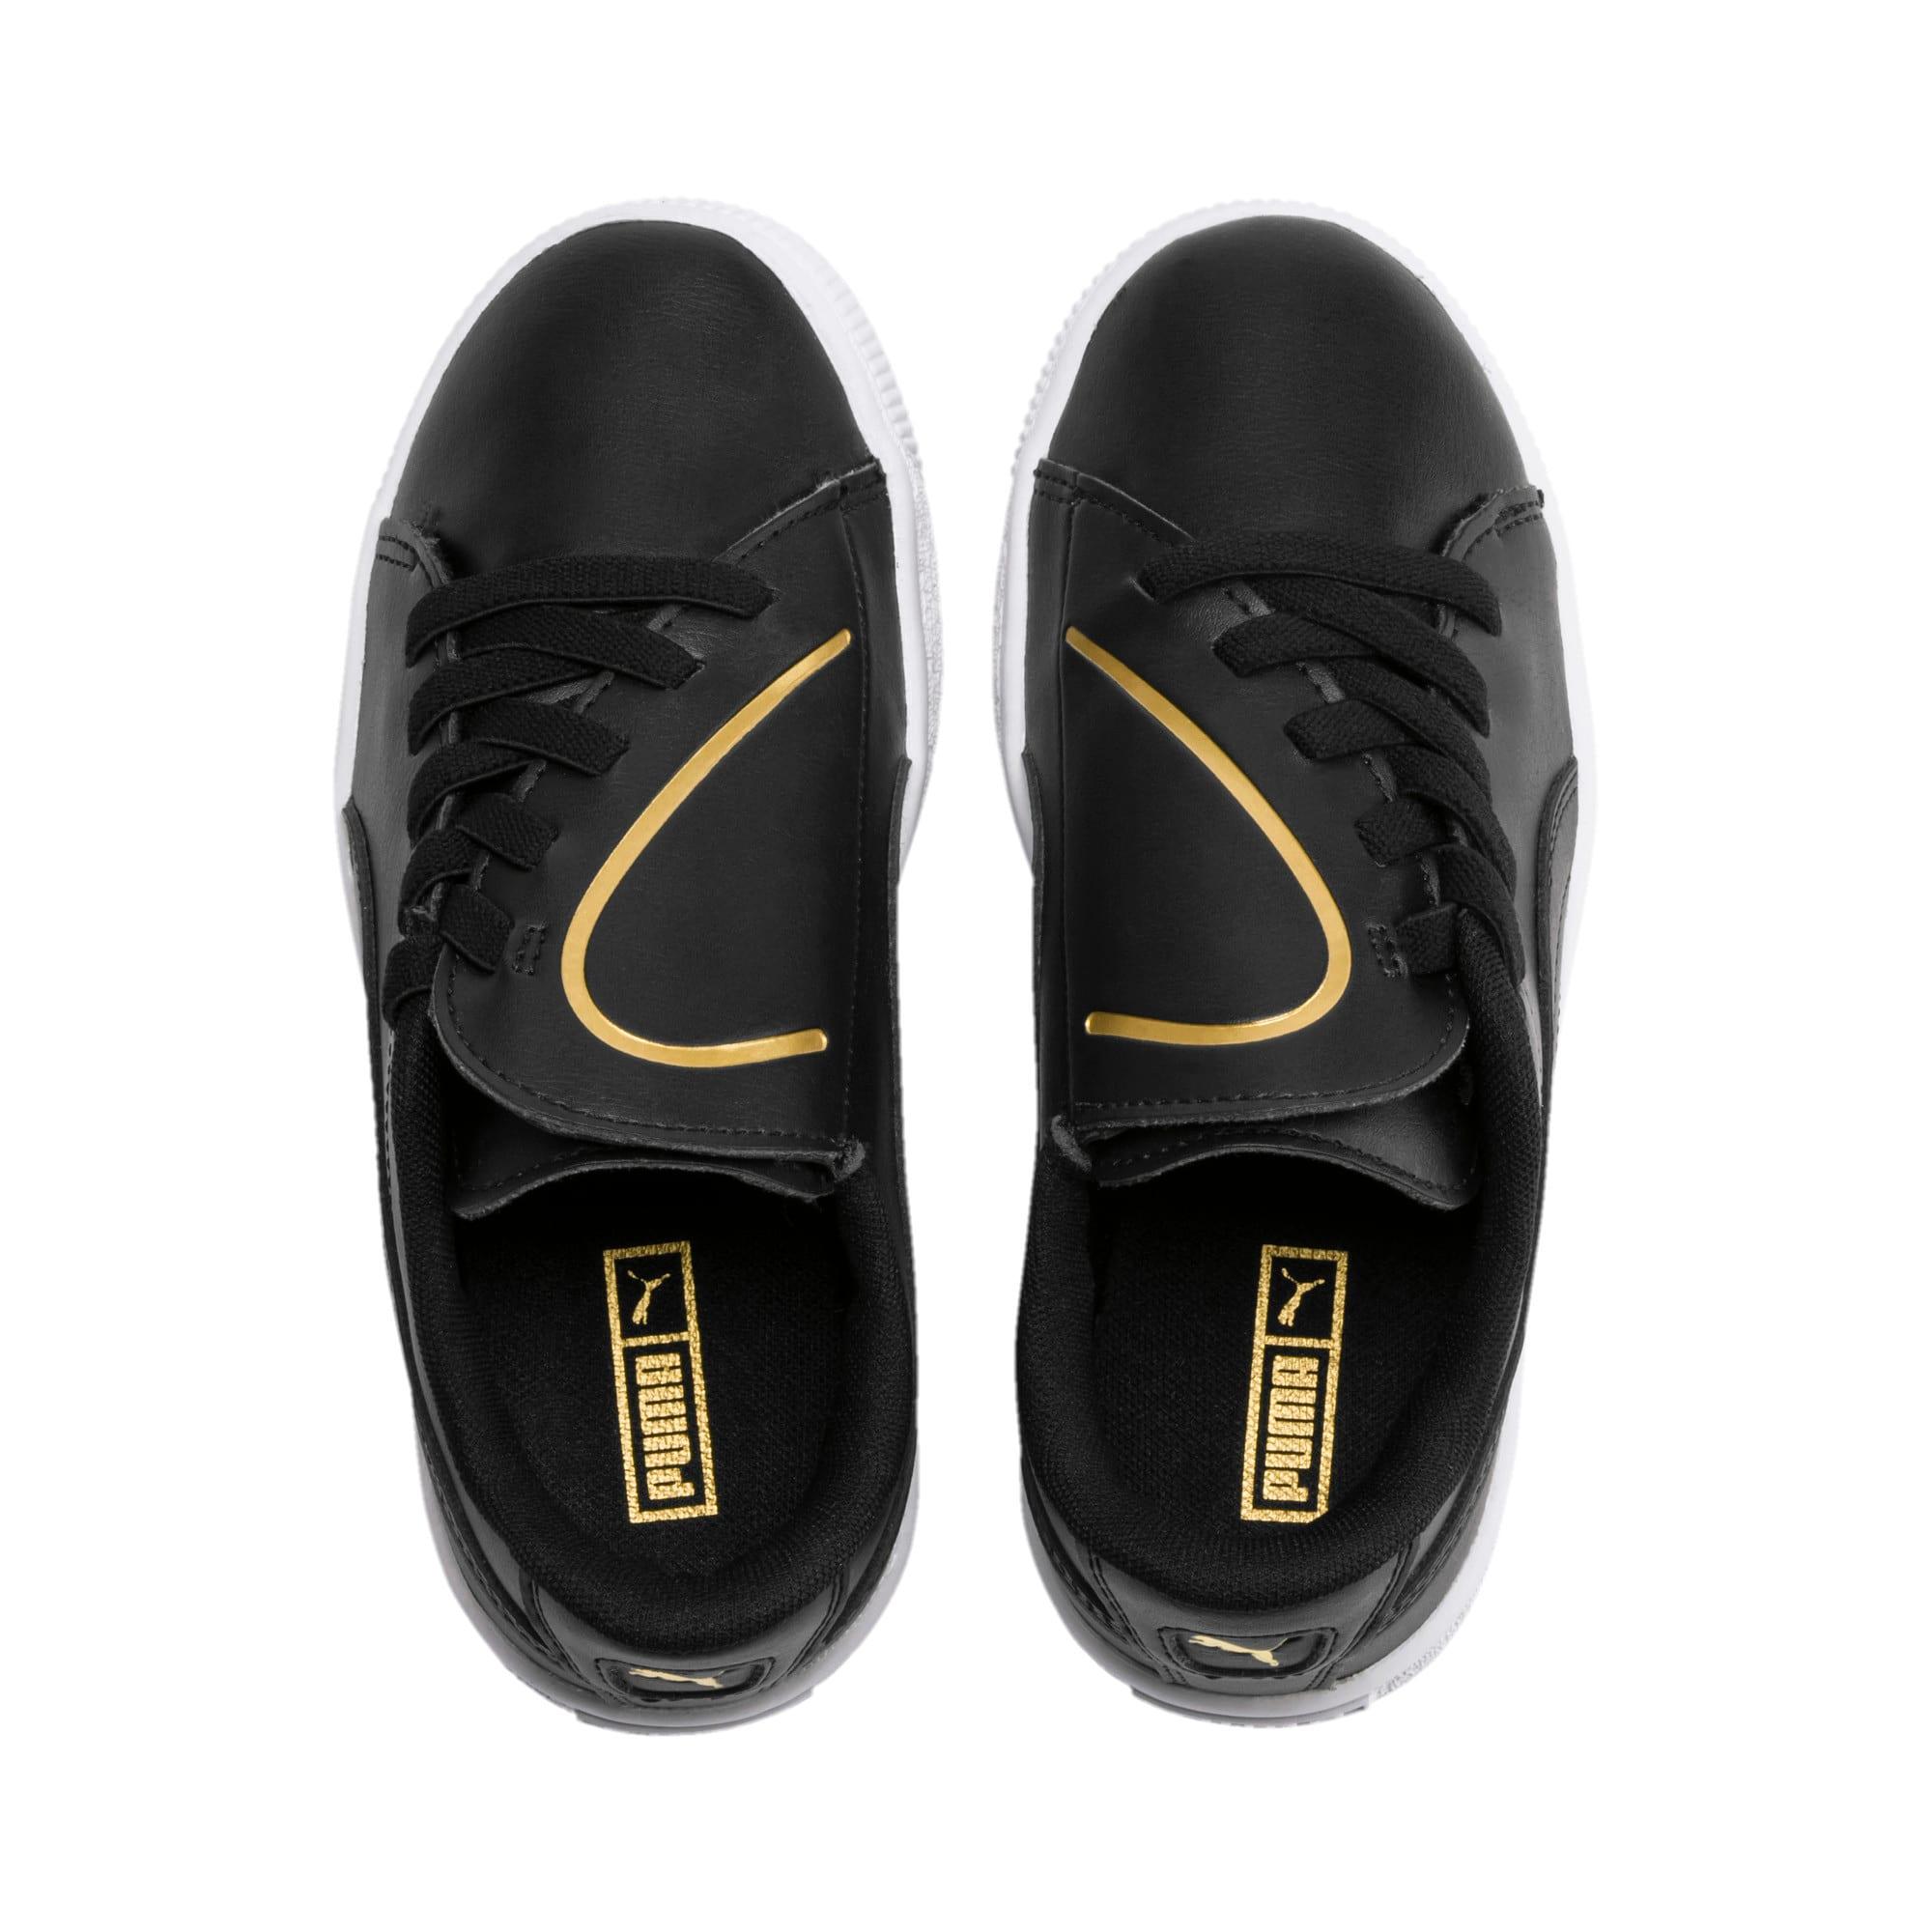 Miniatura 6 de Zapatos Basket Crush AC para niños, Puma Black-Puma Team Gold, mediano